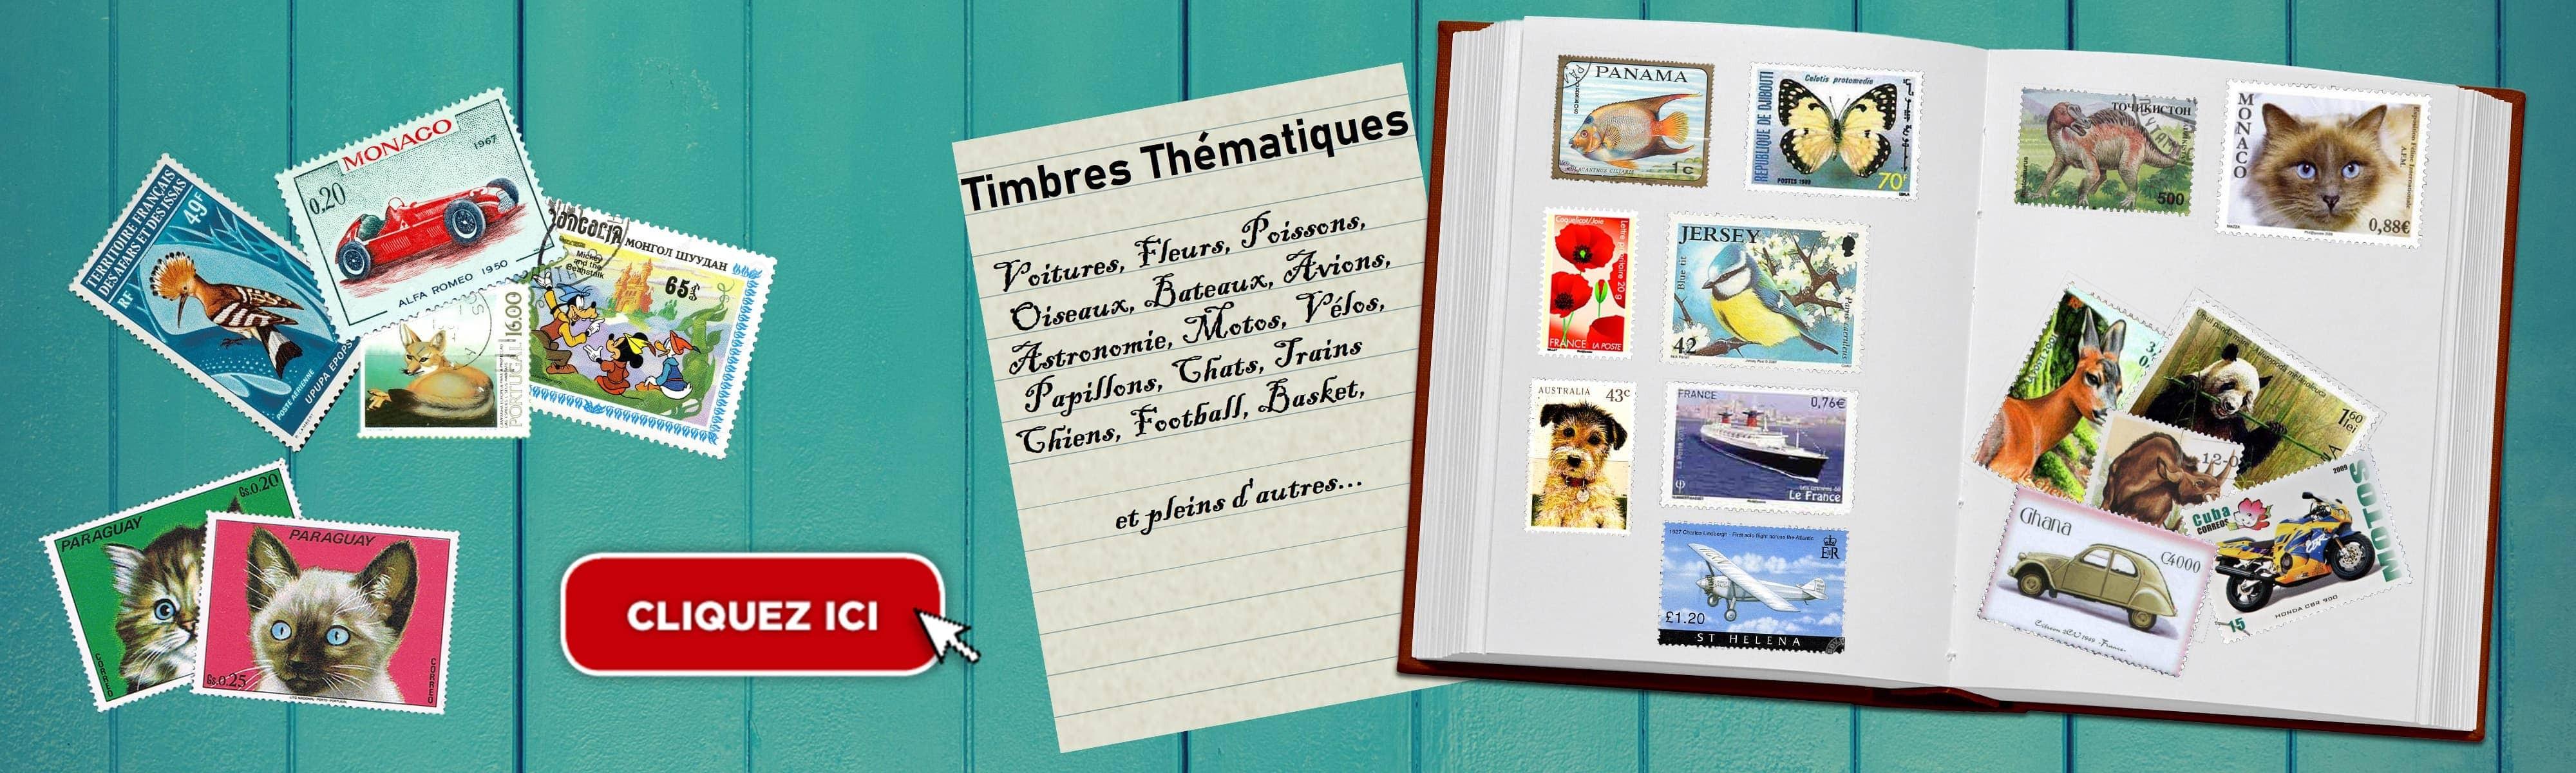 Timbres-thématiques-avions-bateaux-voitures-fleurs-oiseaux-sport-phare-philatélie-passion-collection-la-rochelle commande en ligne sur notre ecommerce